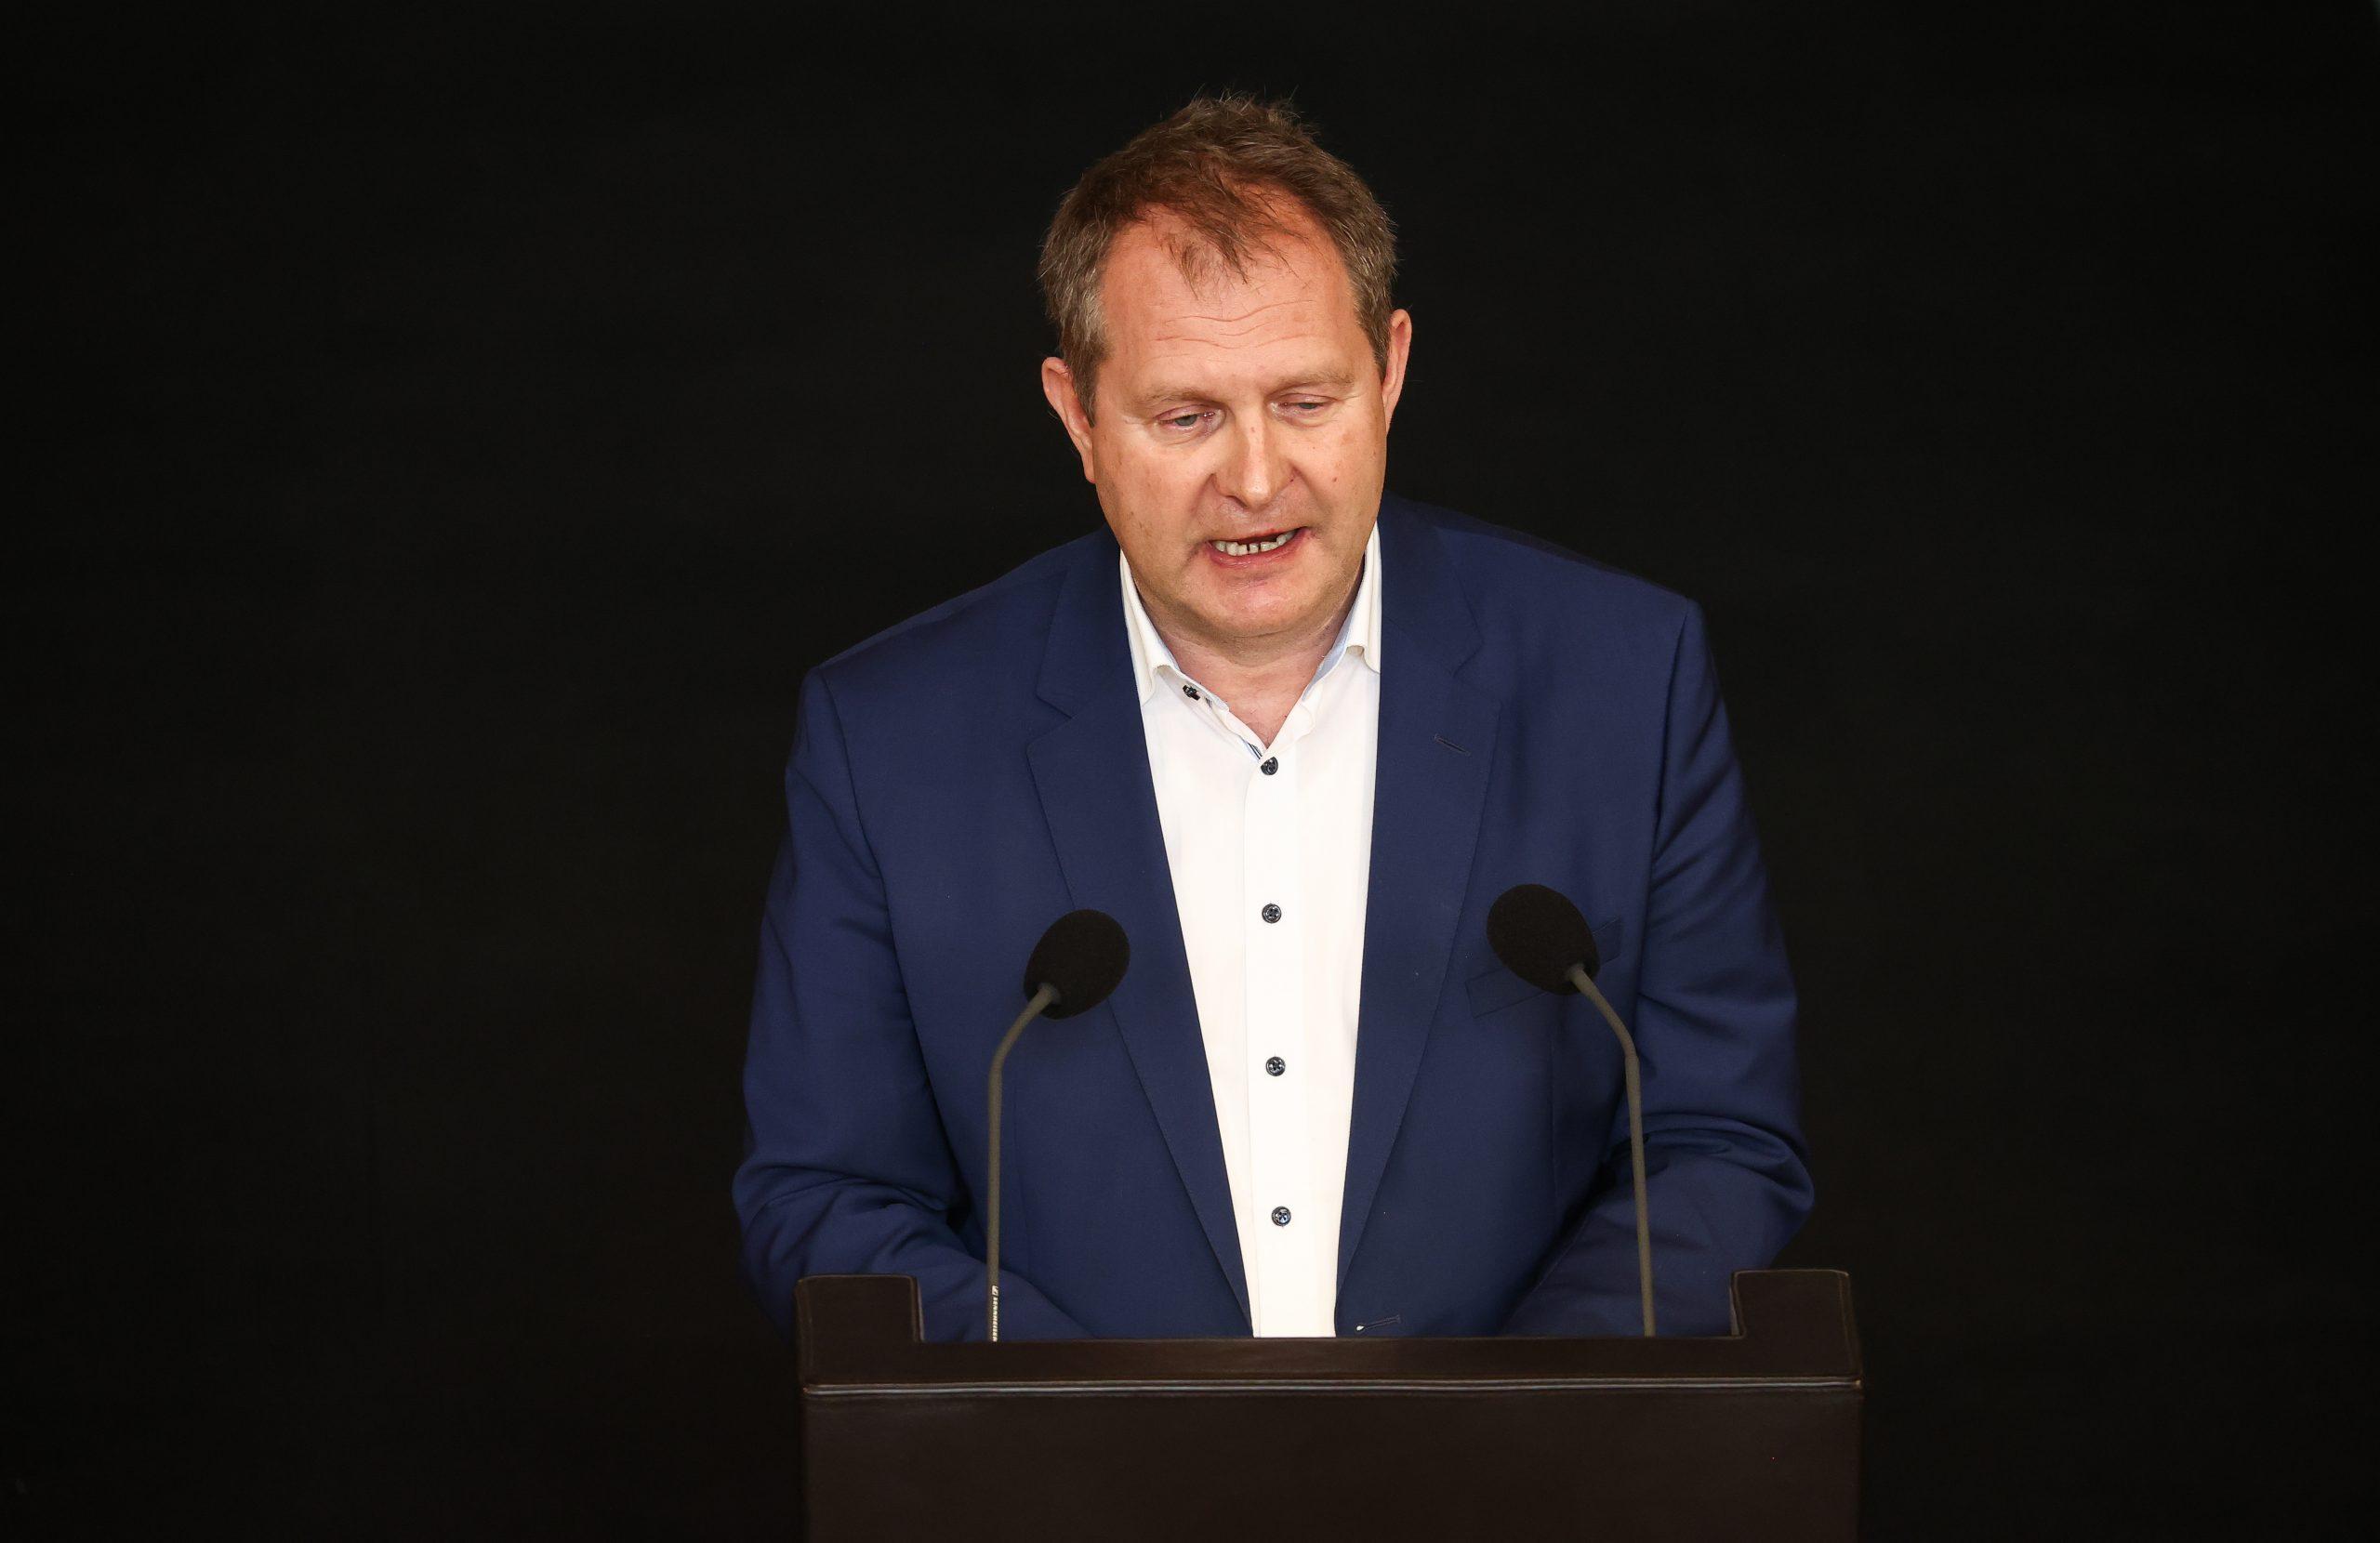 Jens Kerstan (Bündnis90/Die Grünen), Senator für Umwelt und Energie in Hamburg